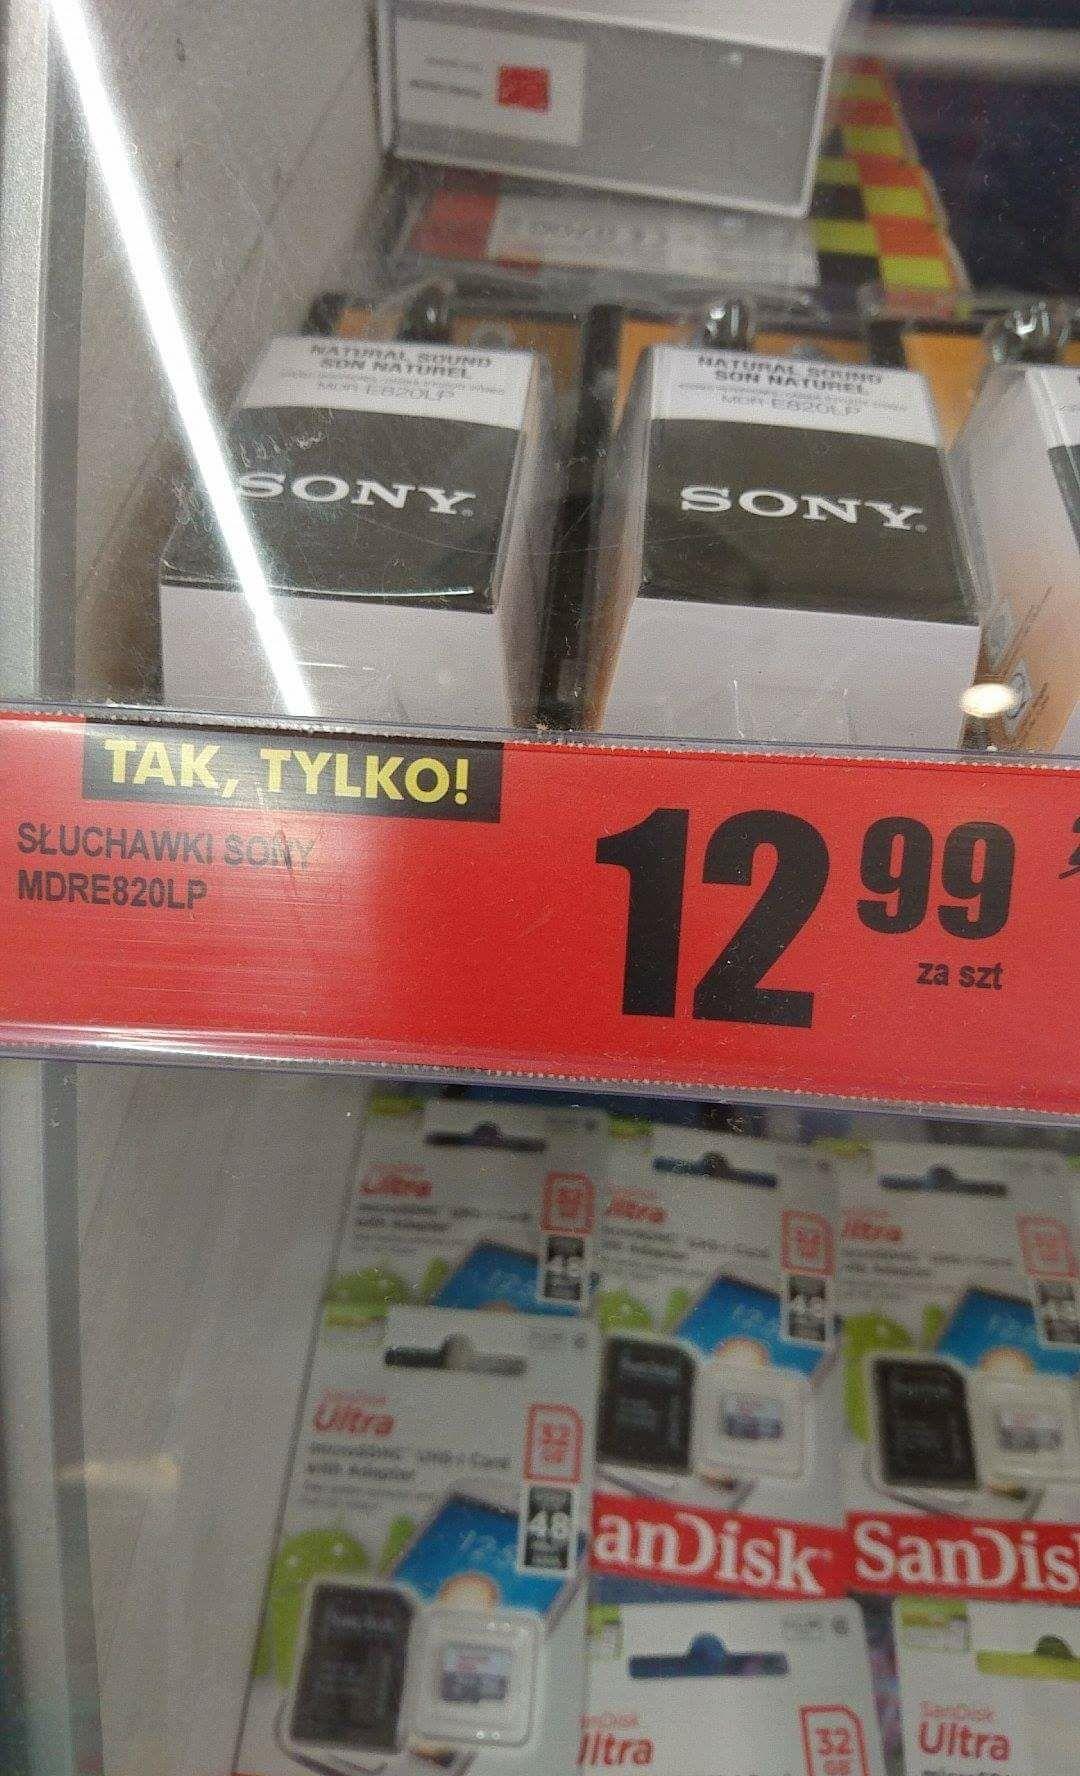 Słuchawki Sony Tanio Biedronka